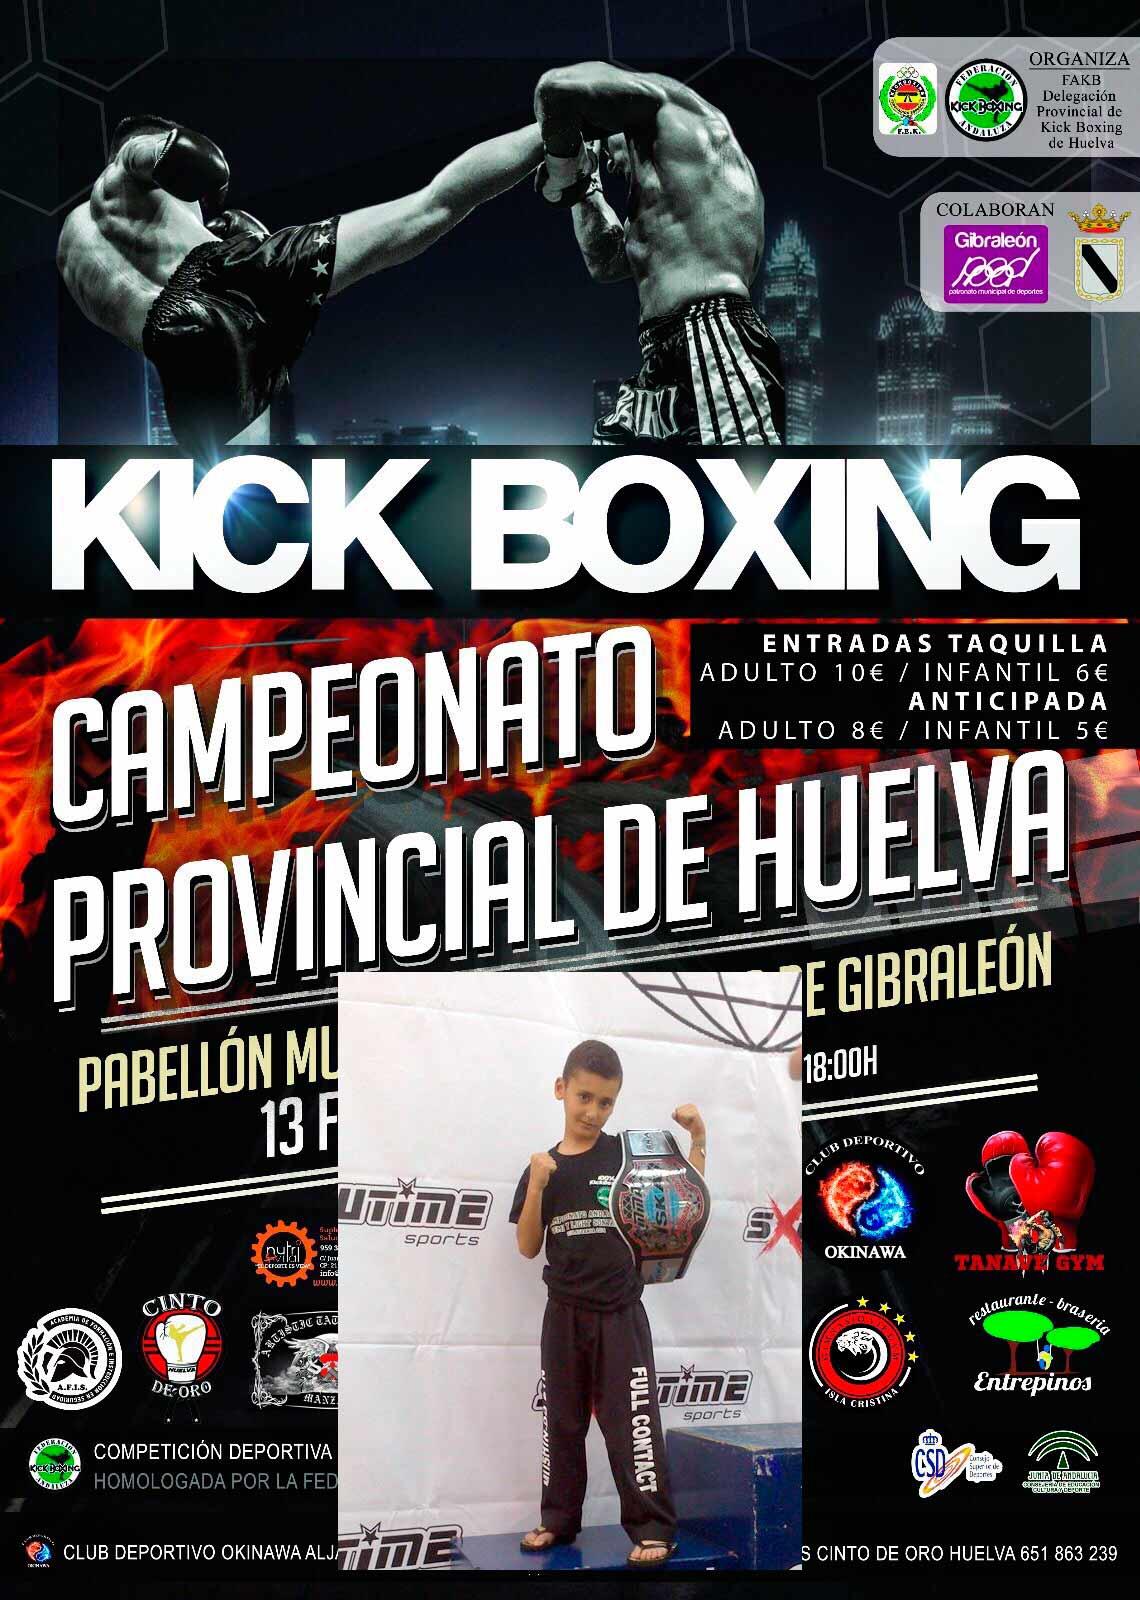 El isleño Daniel Rodríguez Defiende Título en el Campeonato Provincial de Kick Boxing